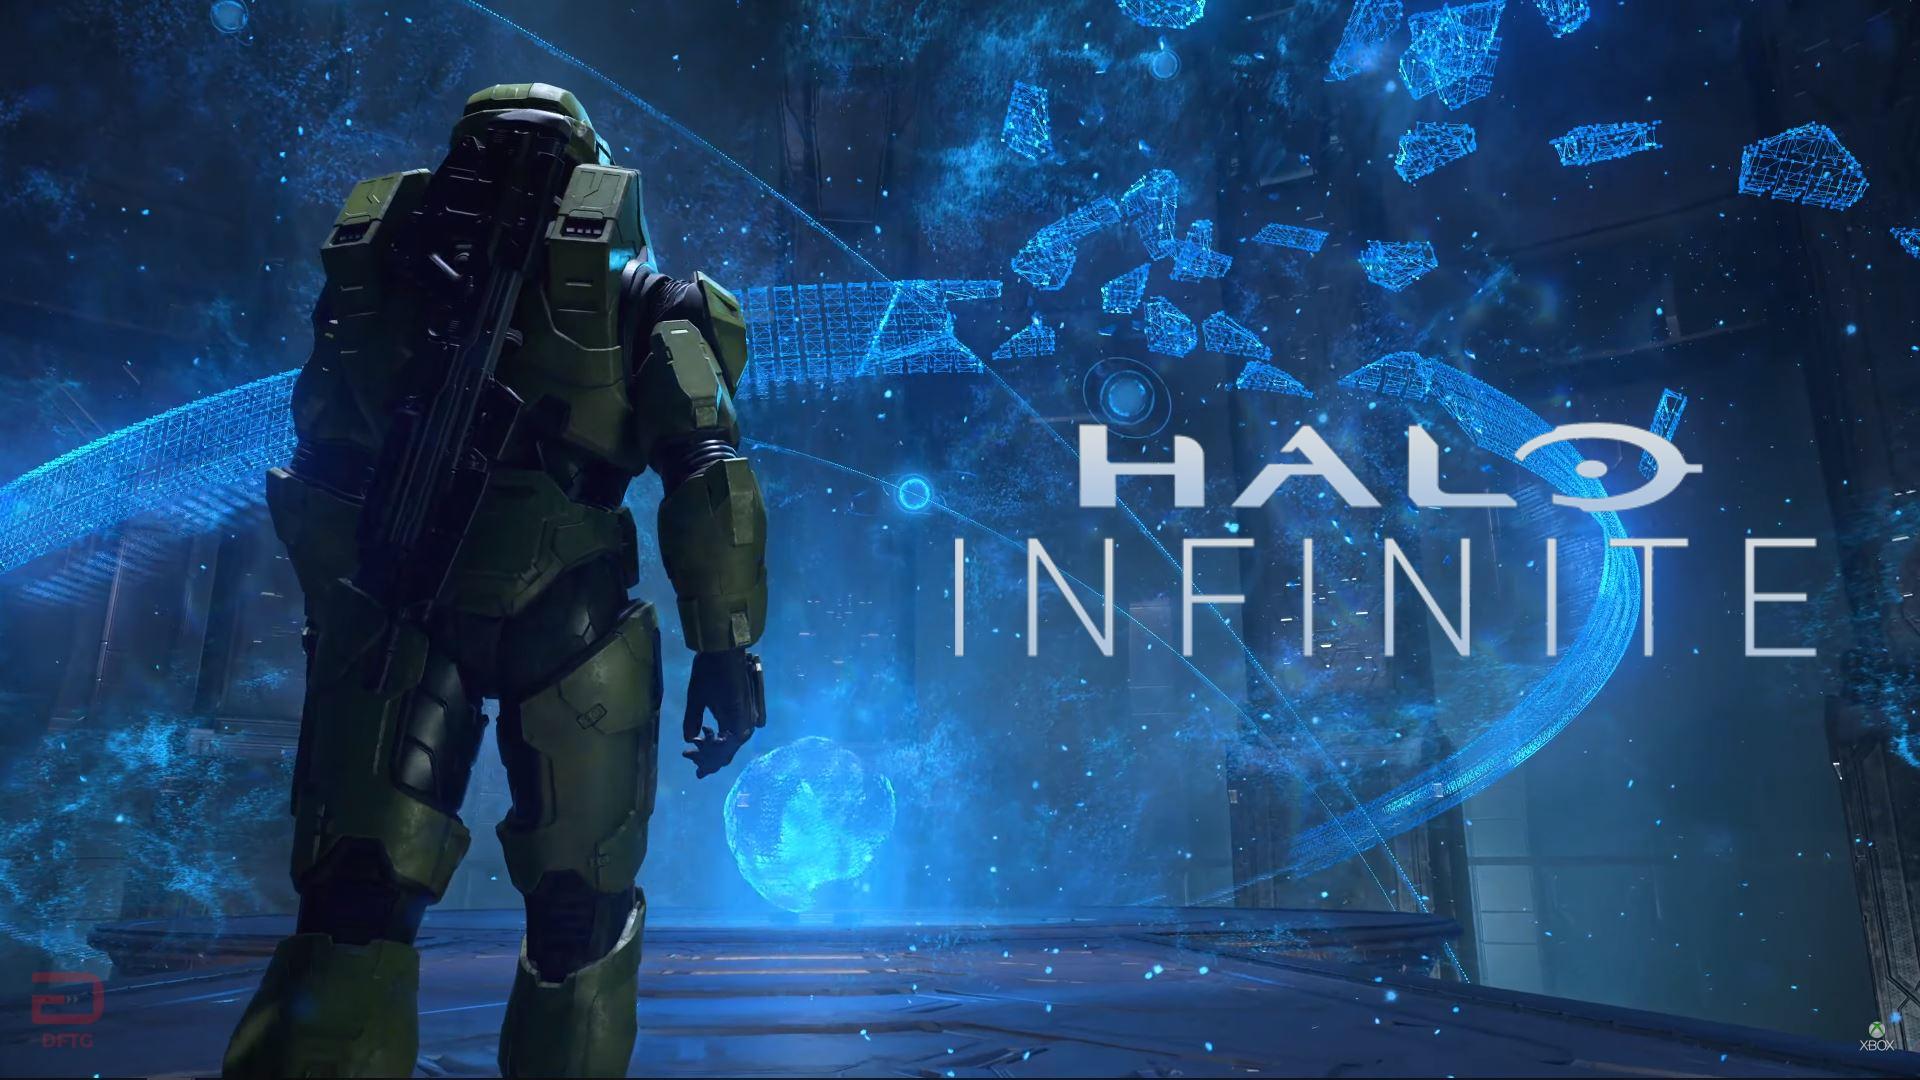 حالت کوآپ در بازی Halo Infinite